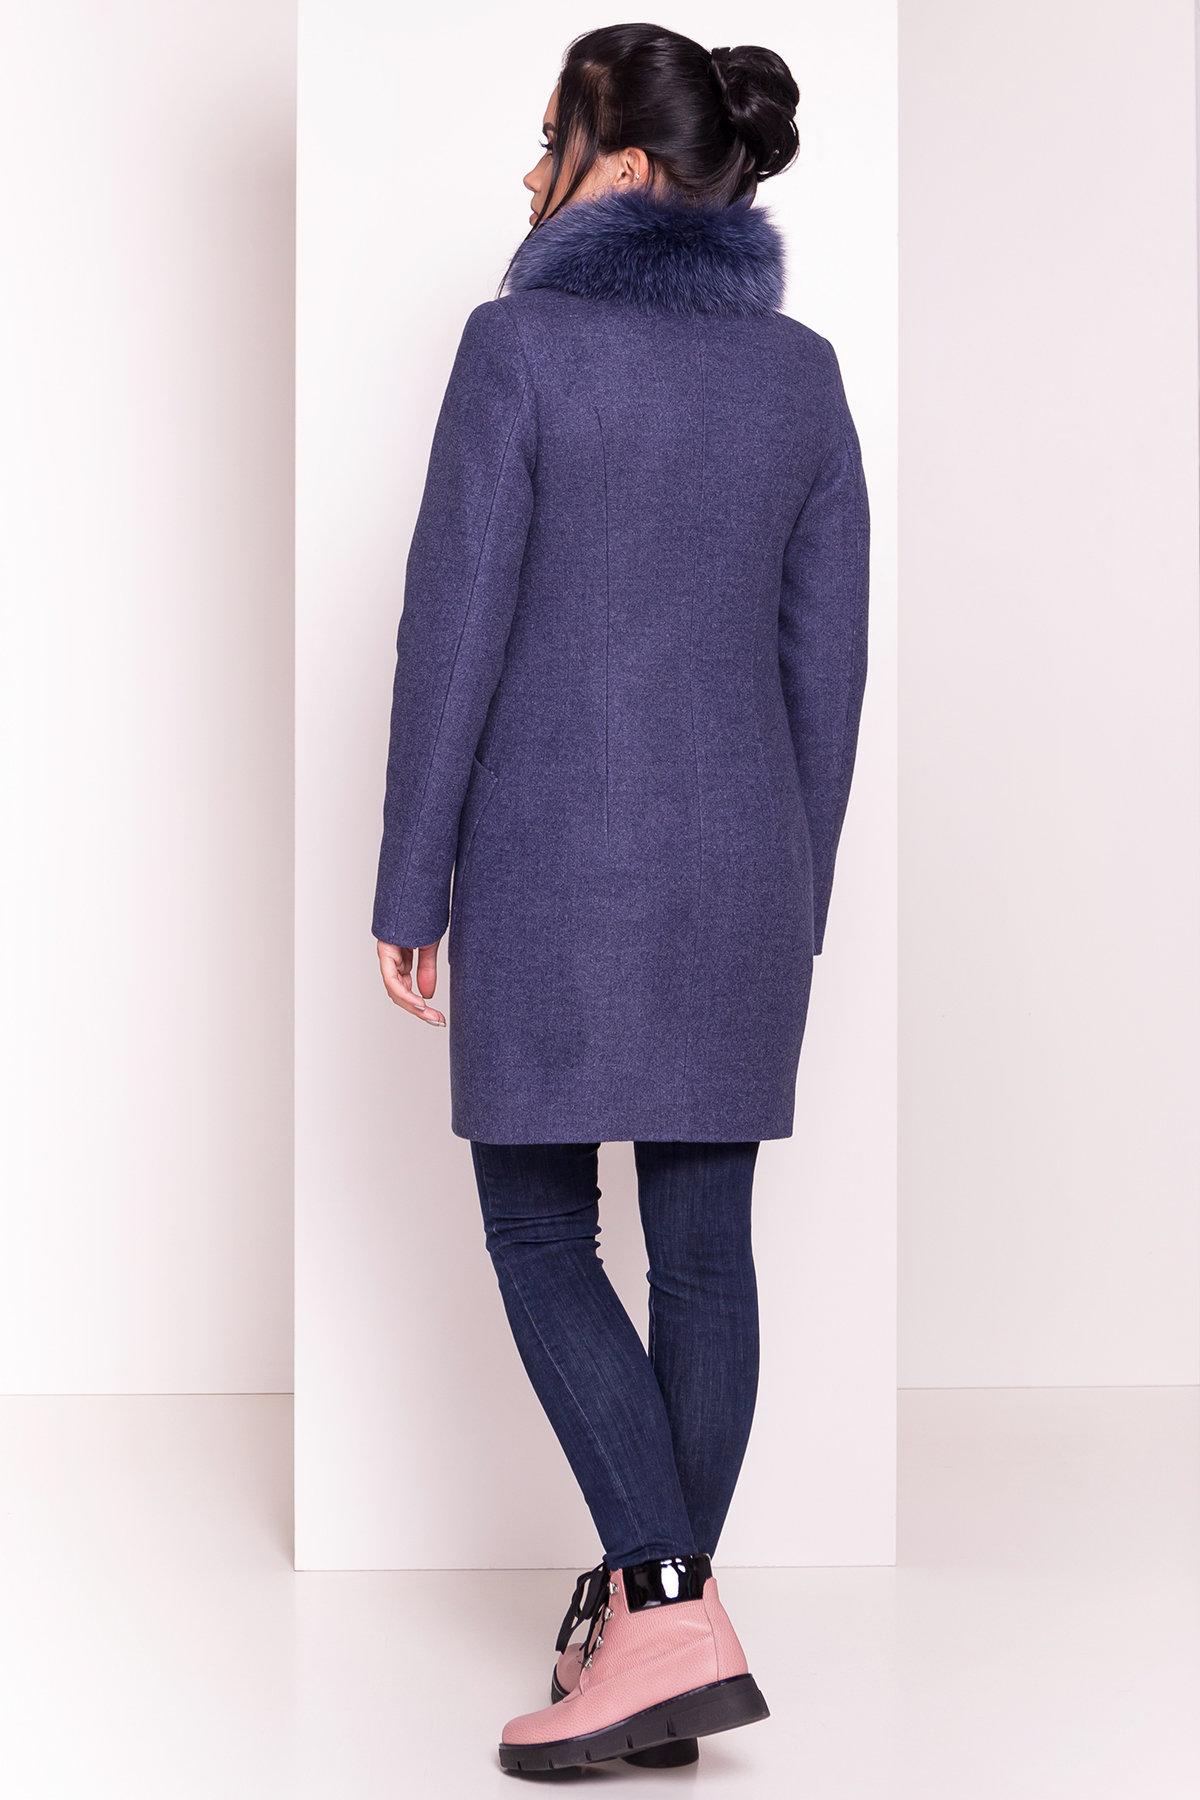 Пальто зима с меховым воротником стойкой Габи 4175 АРТ. 36700 Цвет: Джинс - фото 5, интернет магазин tm-modus.ru